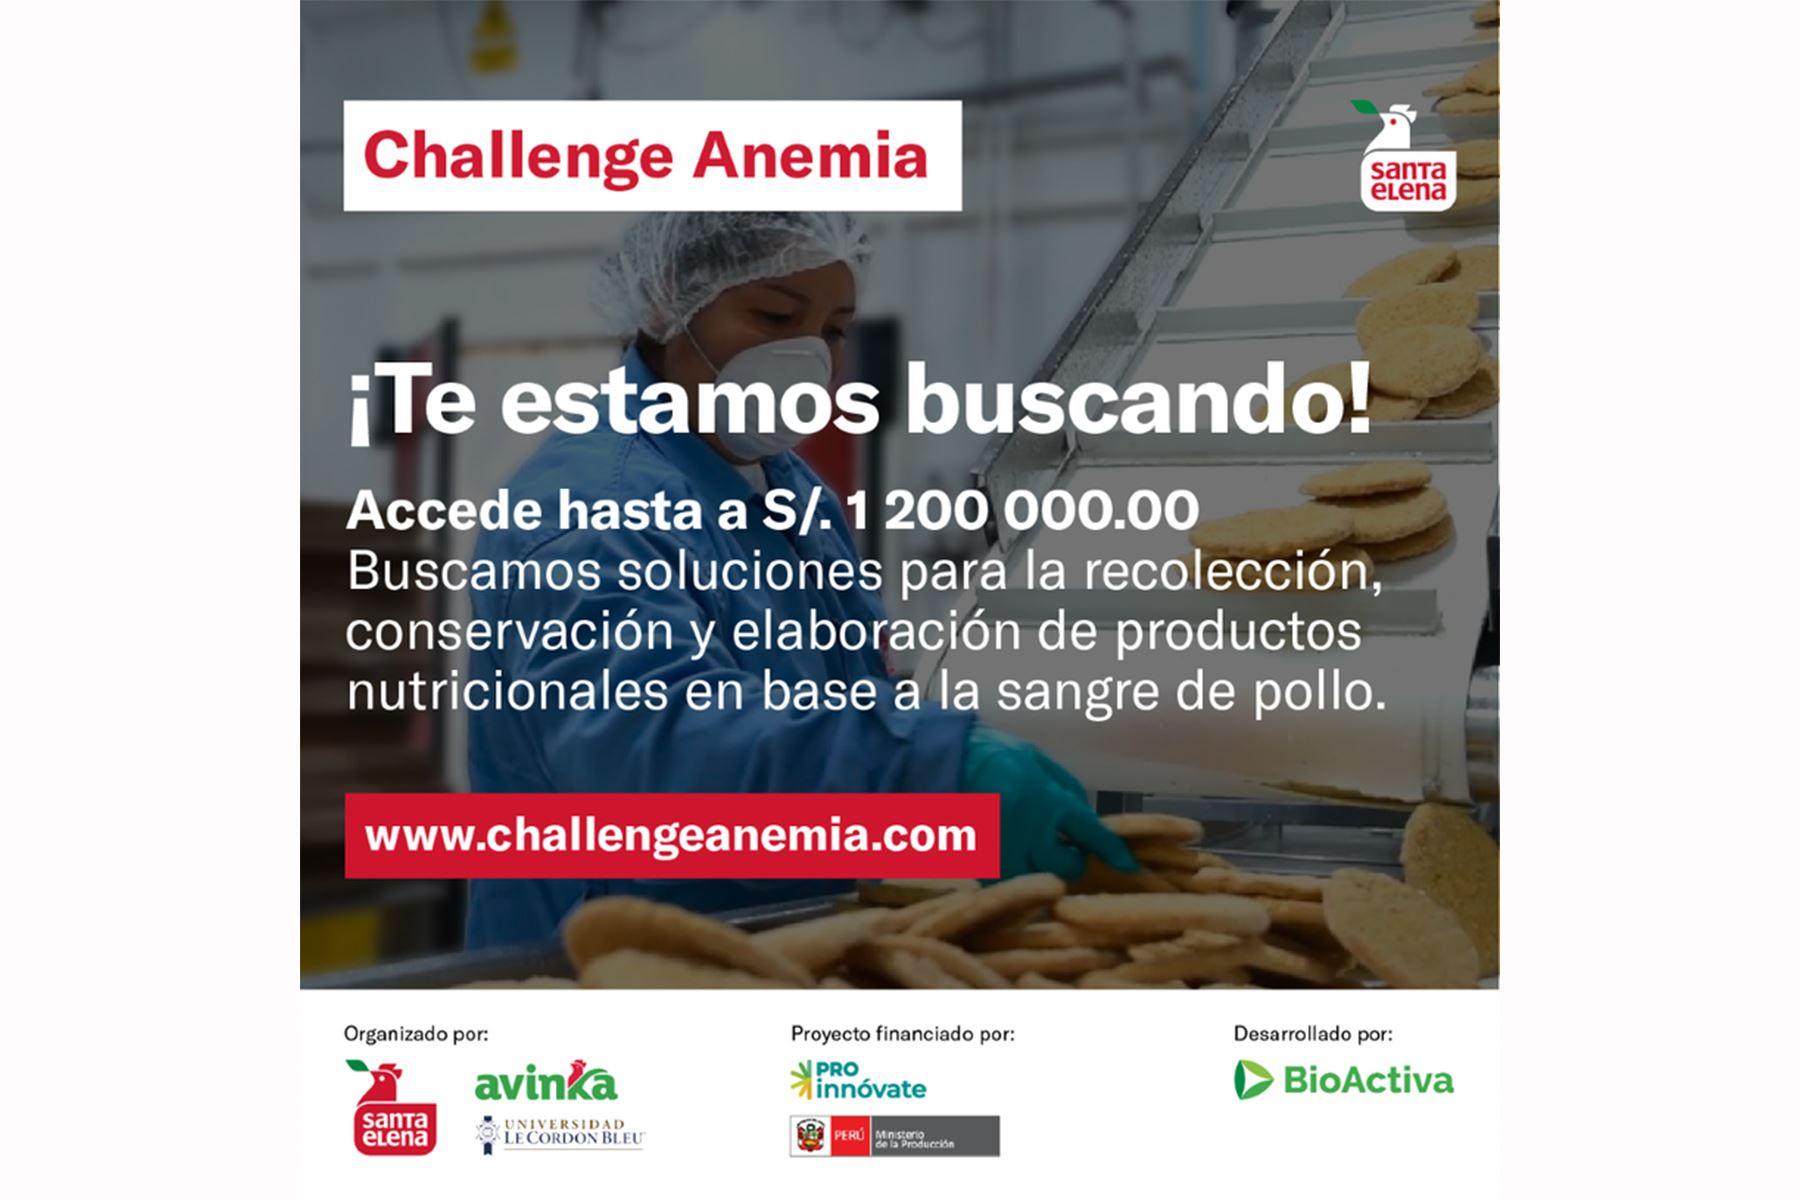 Postula al Challenge Anemia: innovación de productos a base de sangre de pollo.